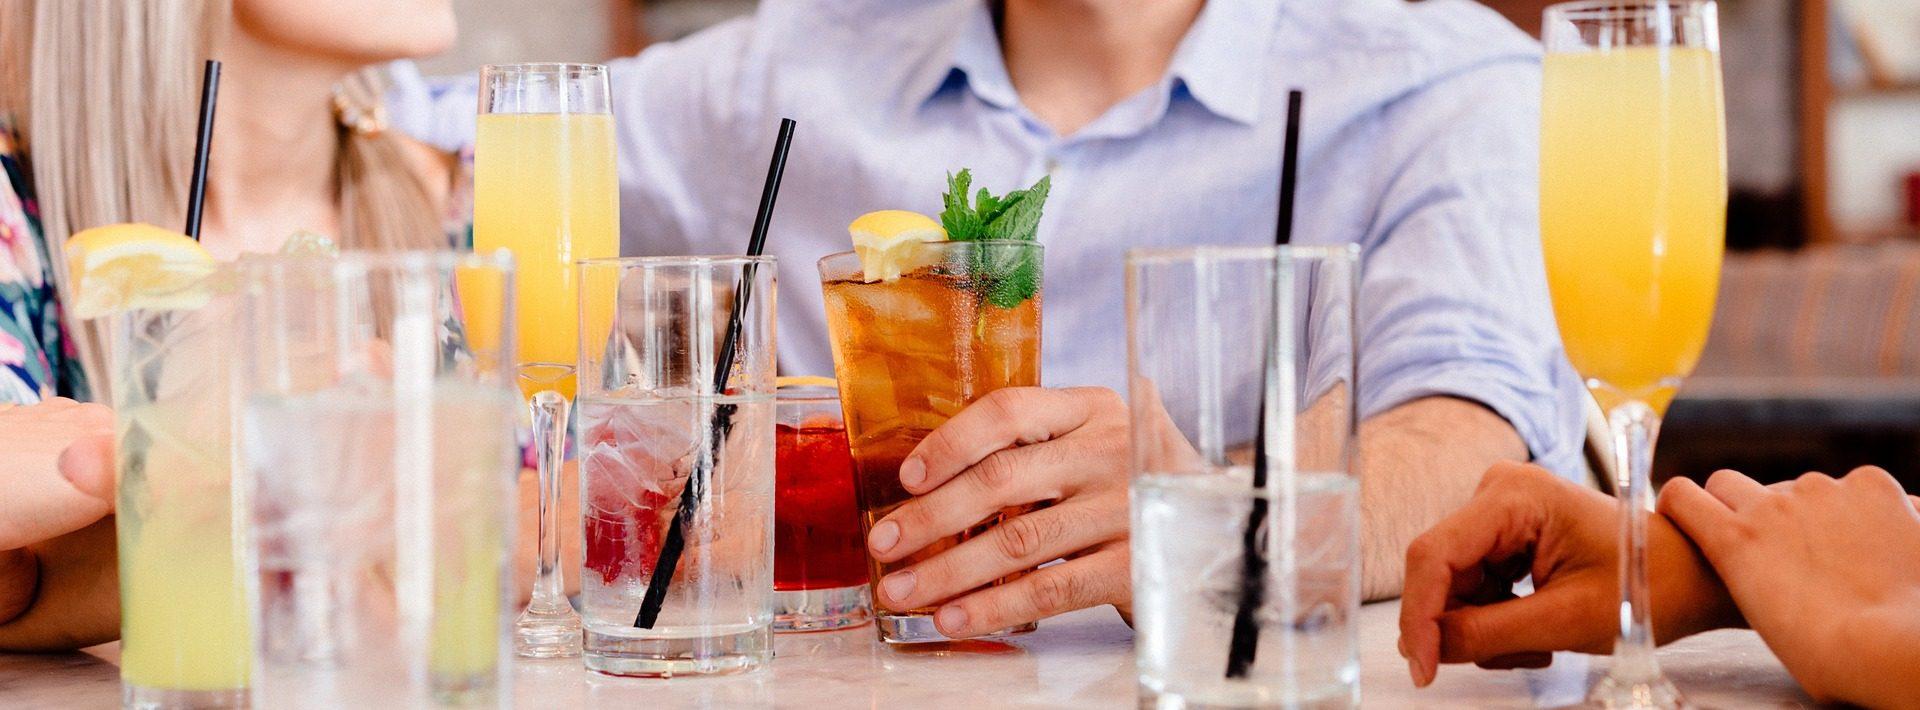 Tijd voor een drankje